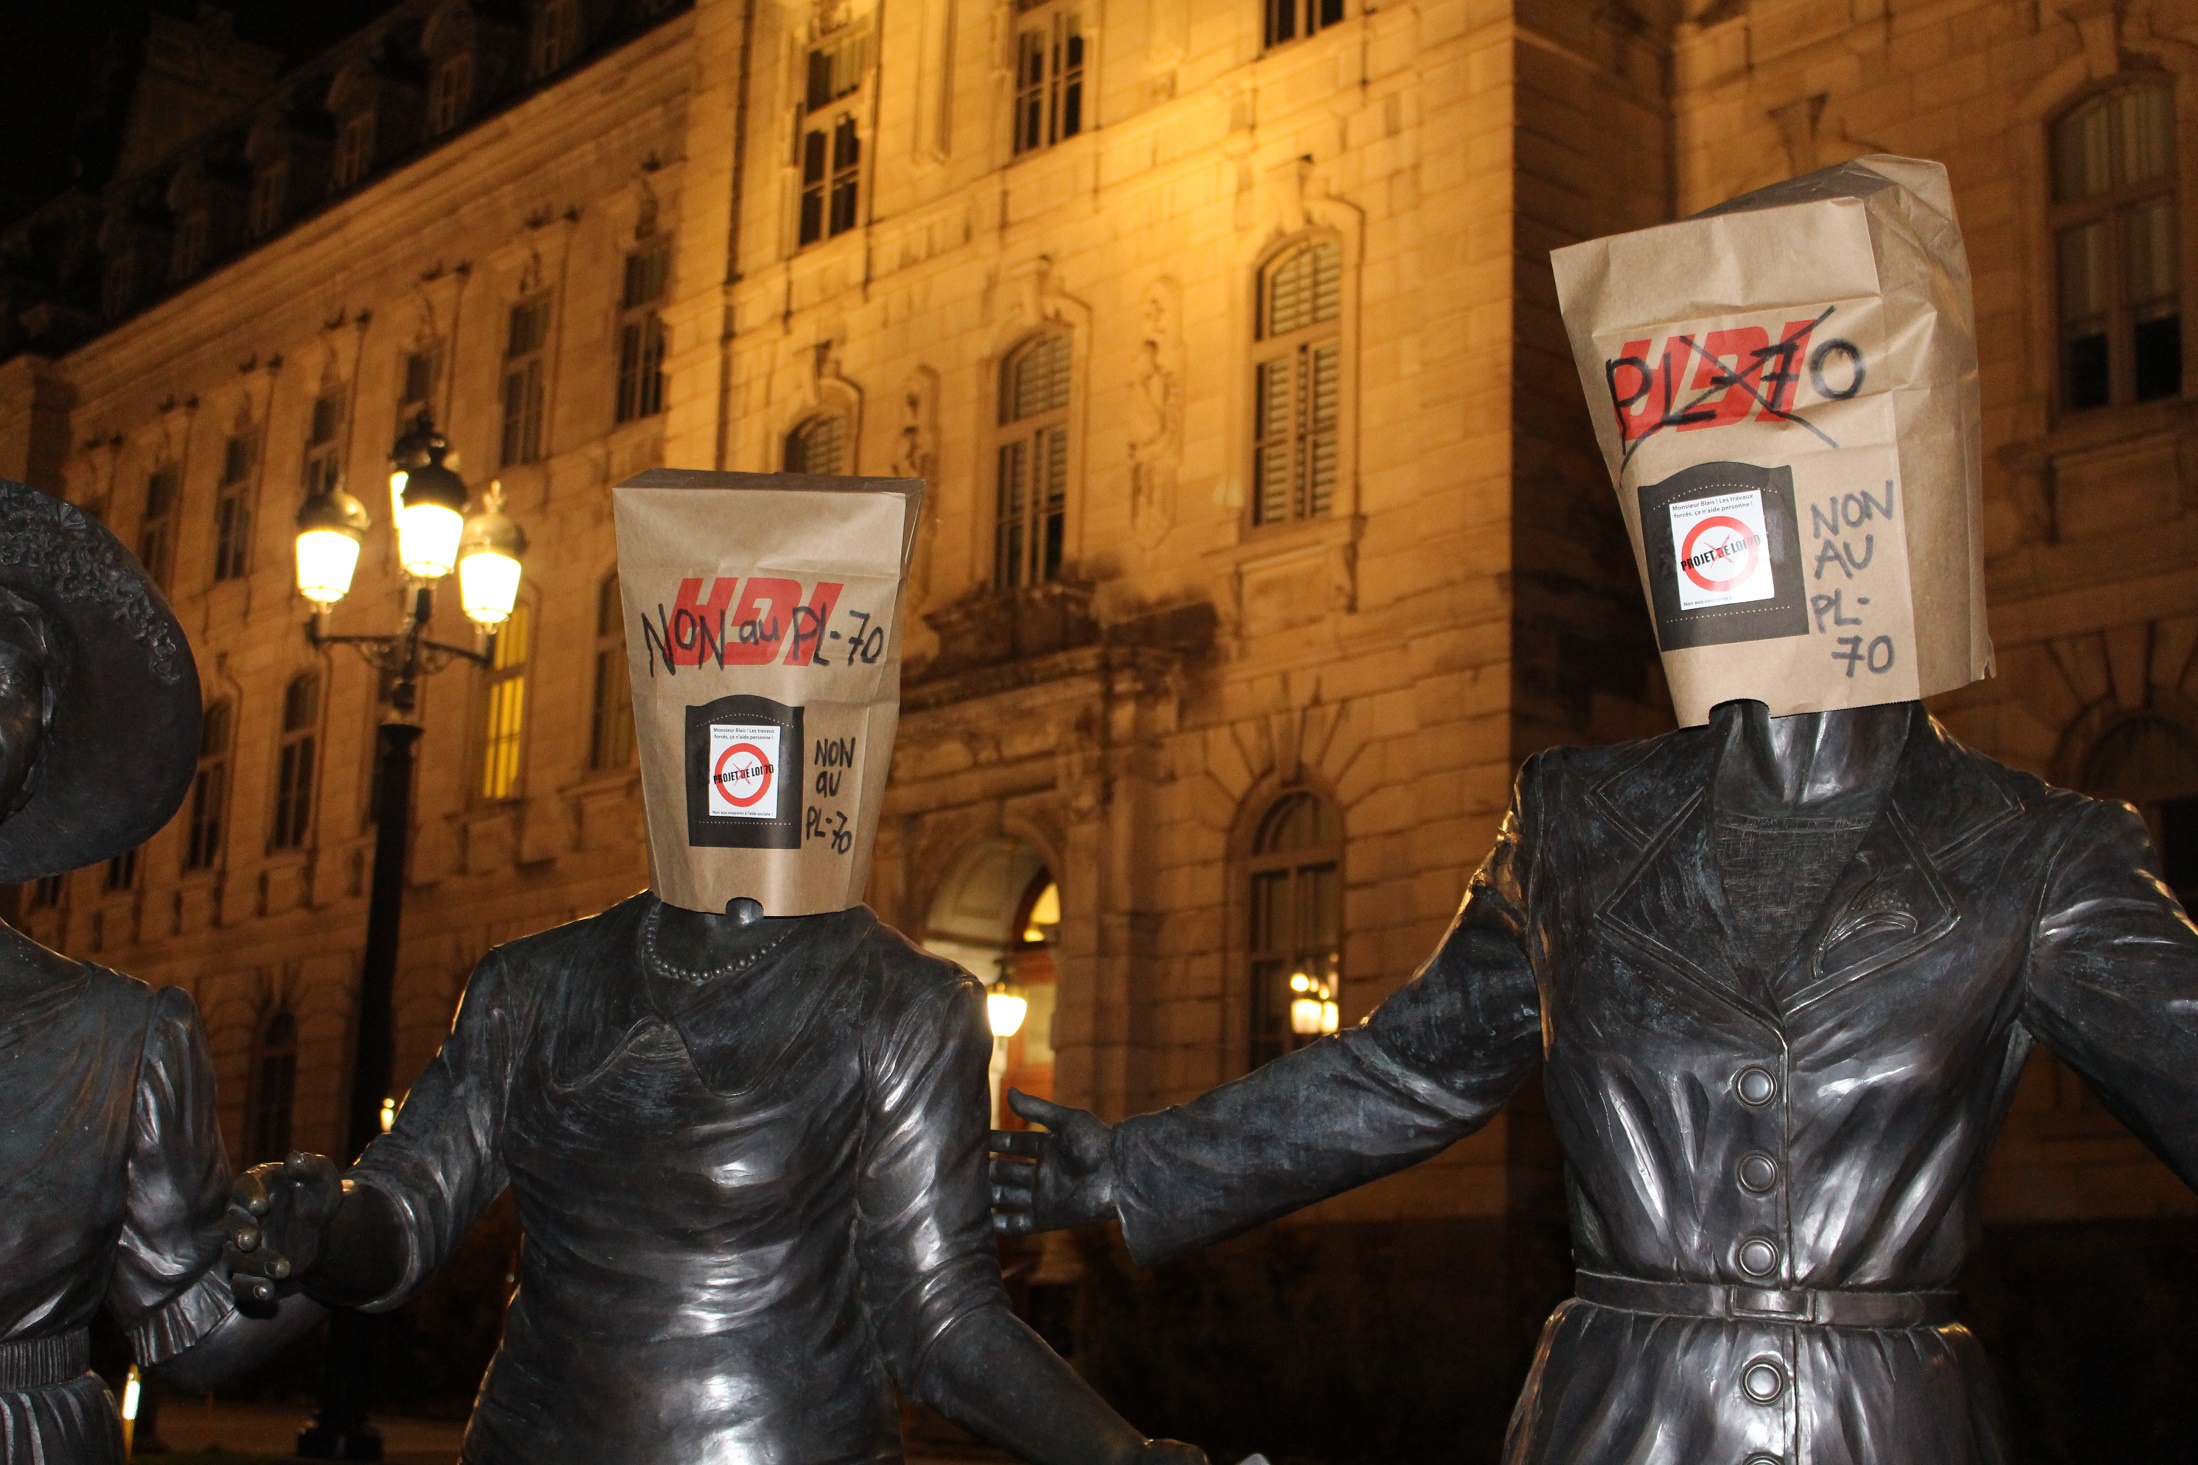 les statues autour du parlement ont été coiffées de sacs de la honte au lendemain de l'adoption par le gouvernement de l'odieux projet de loi 70 sur l'aide sociale.